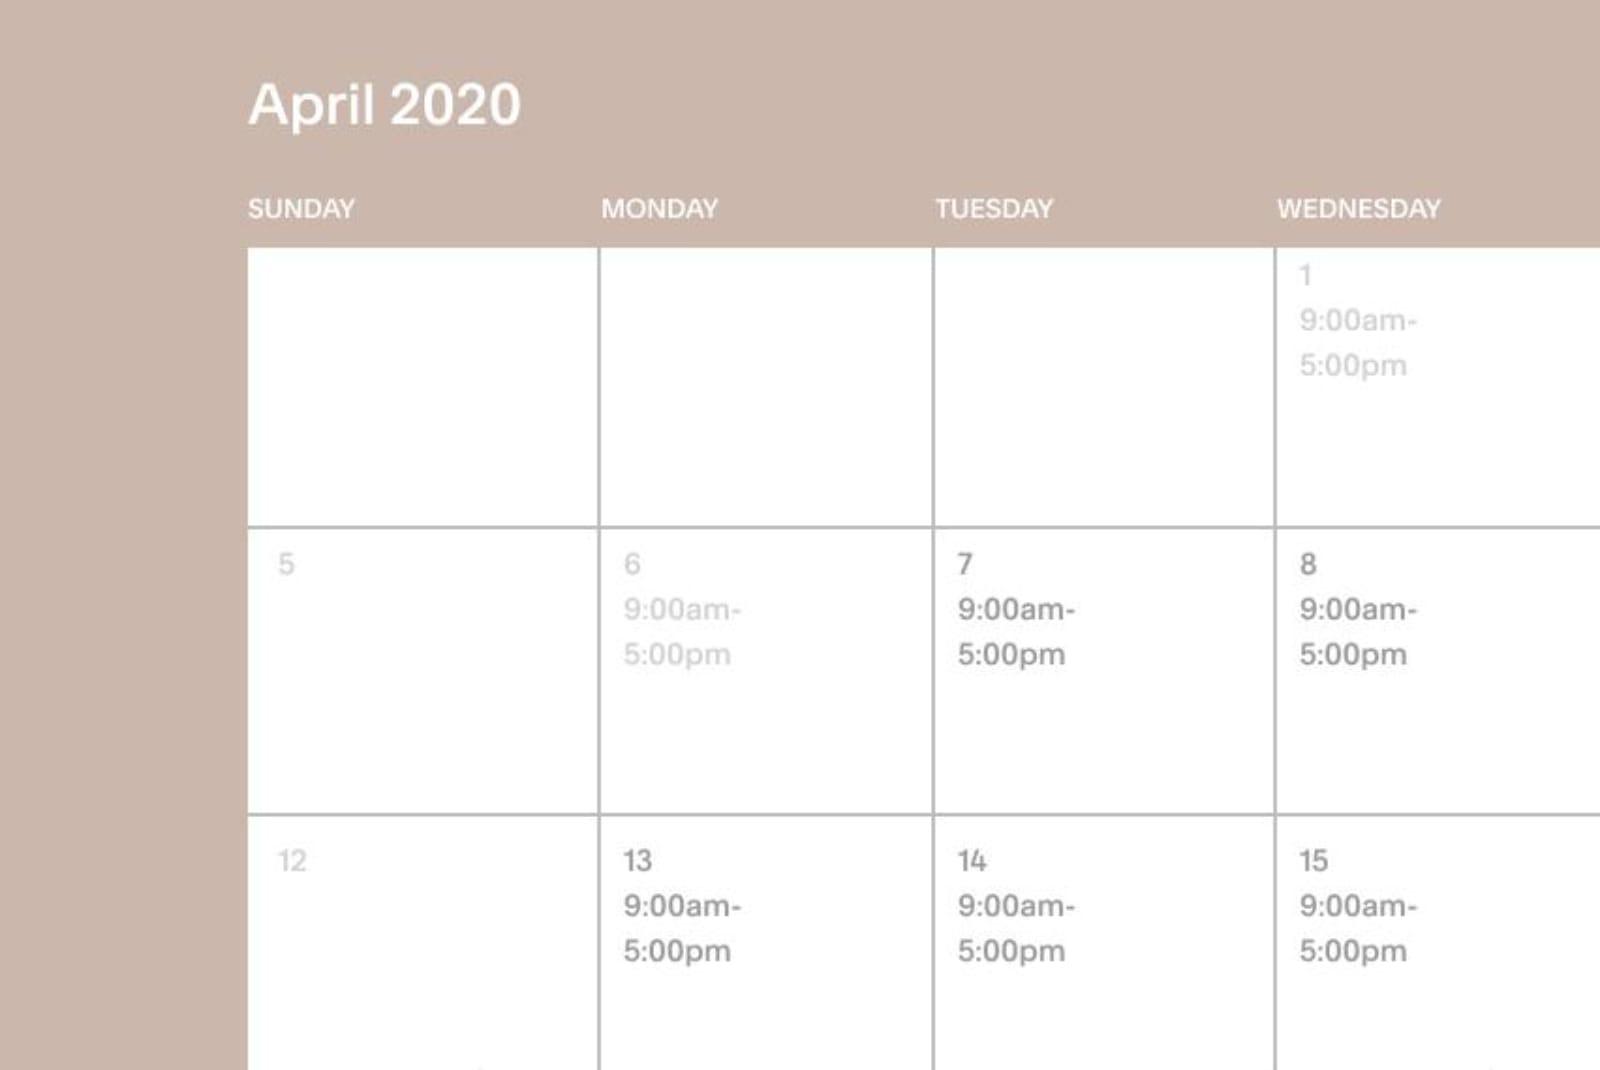 Blocking of a Squarespace Scheduling calendar